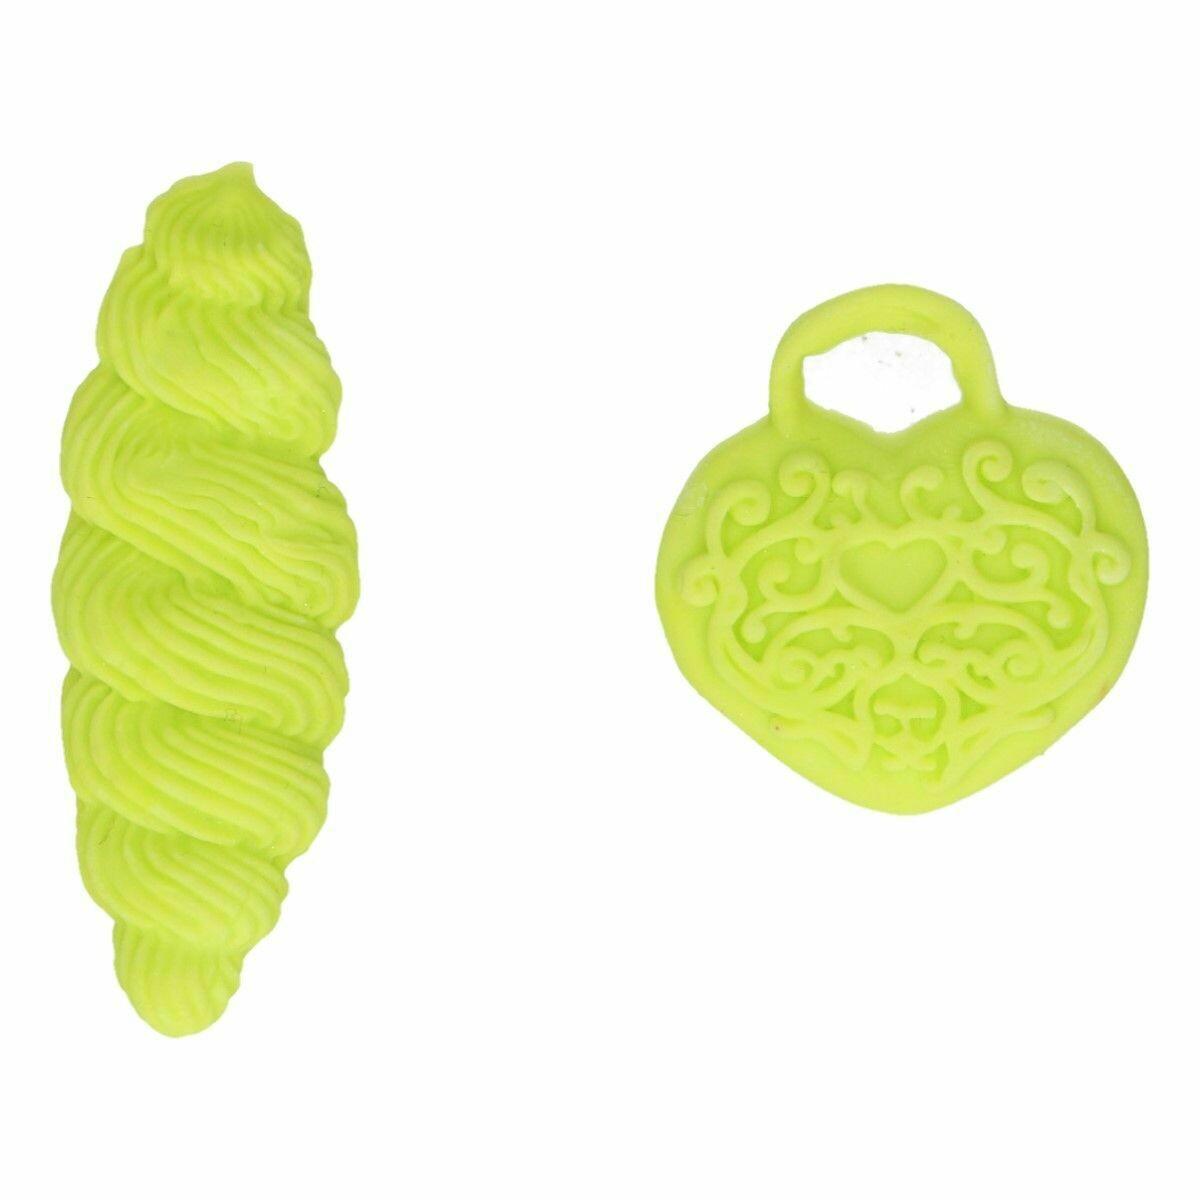 FunCakes FunColours GEL -LIME GREEN -Χρώμα Πάστας Τζελ-Πράσινο Λάιμ 30γρ